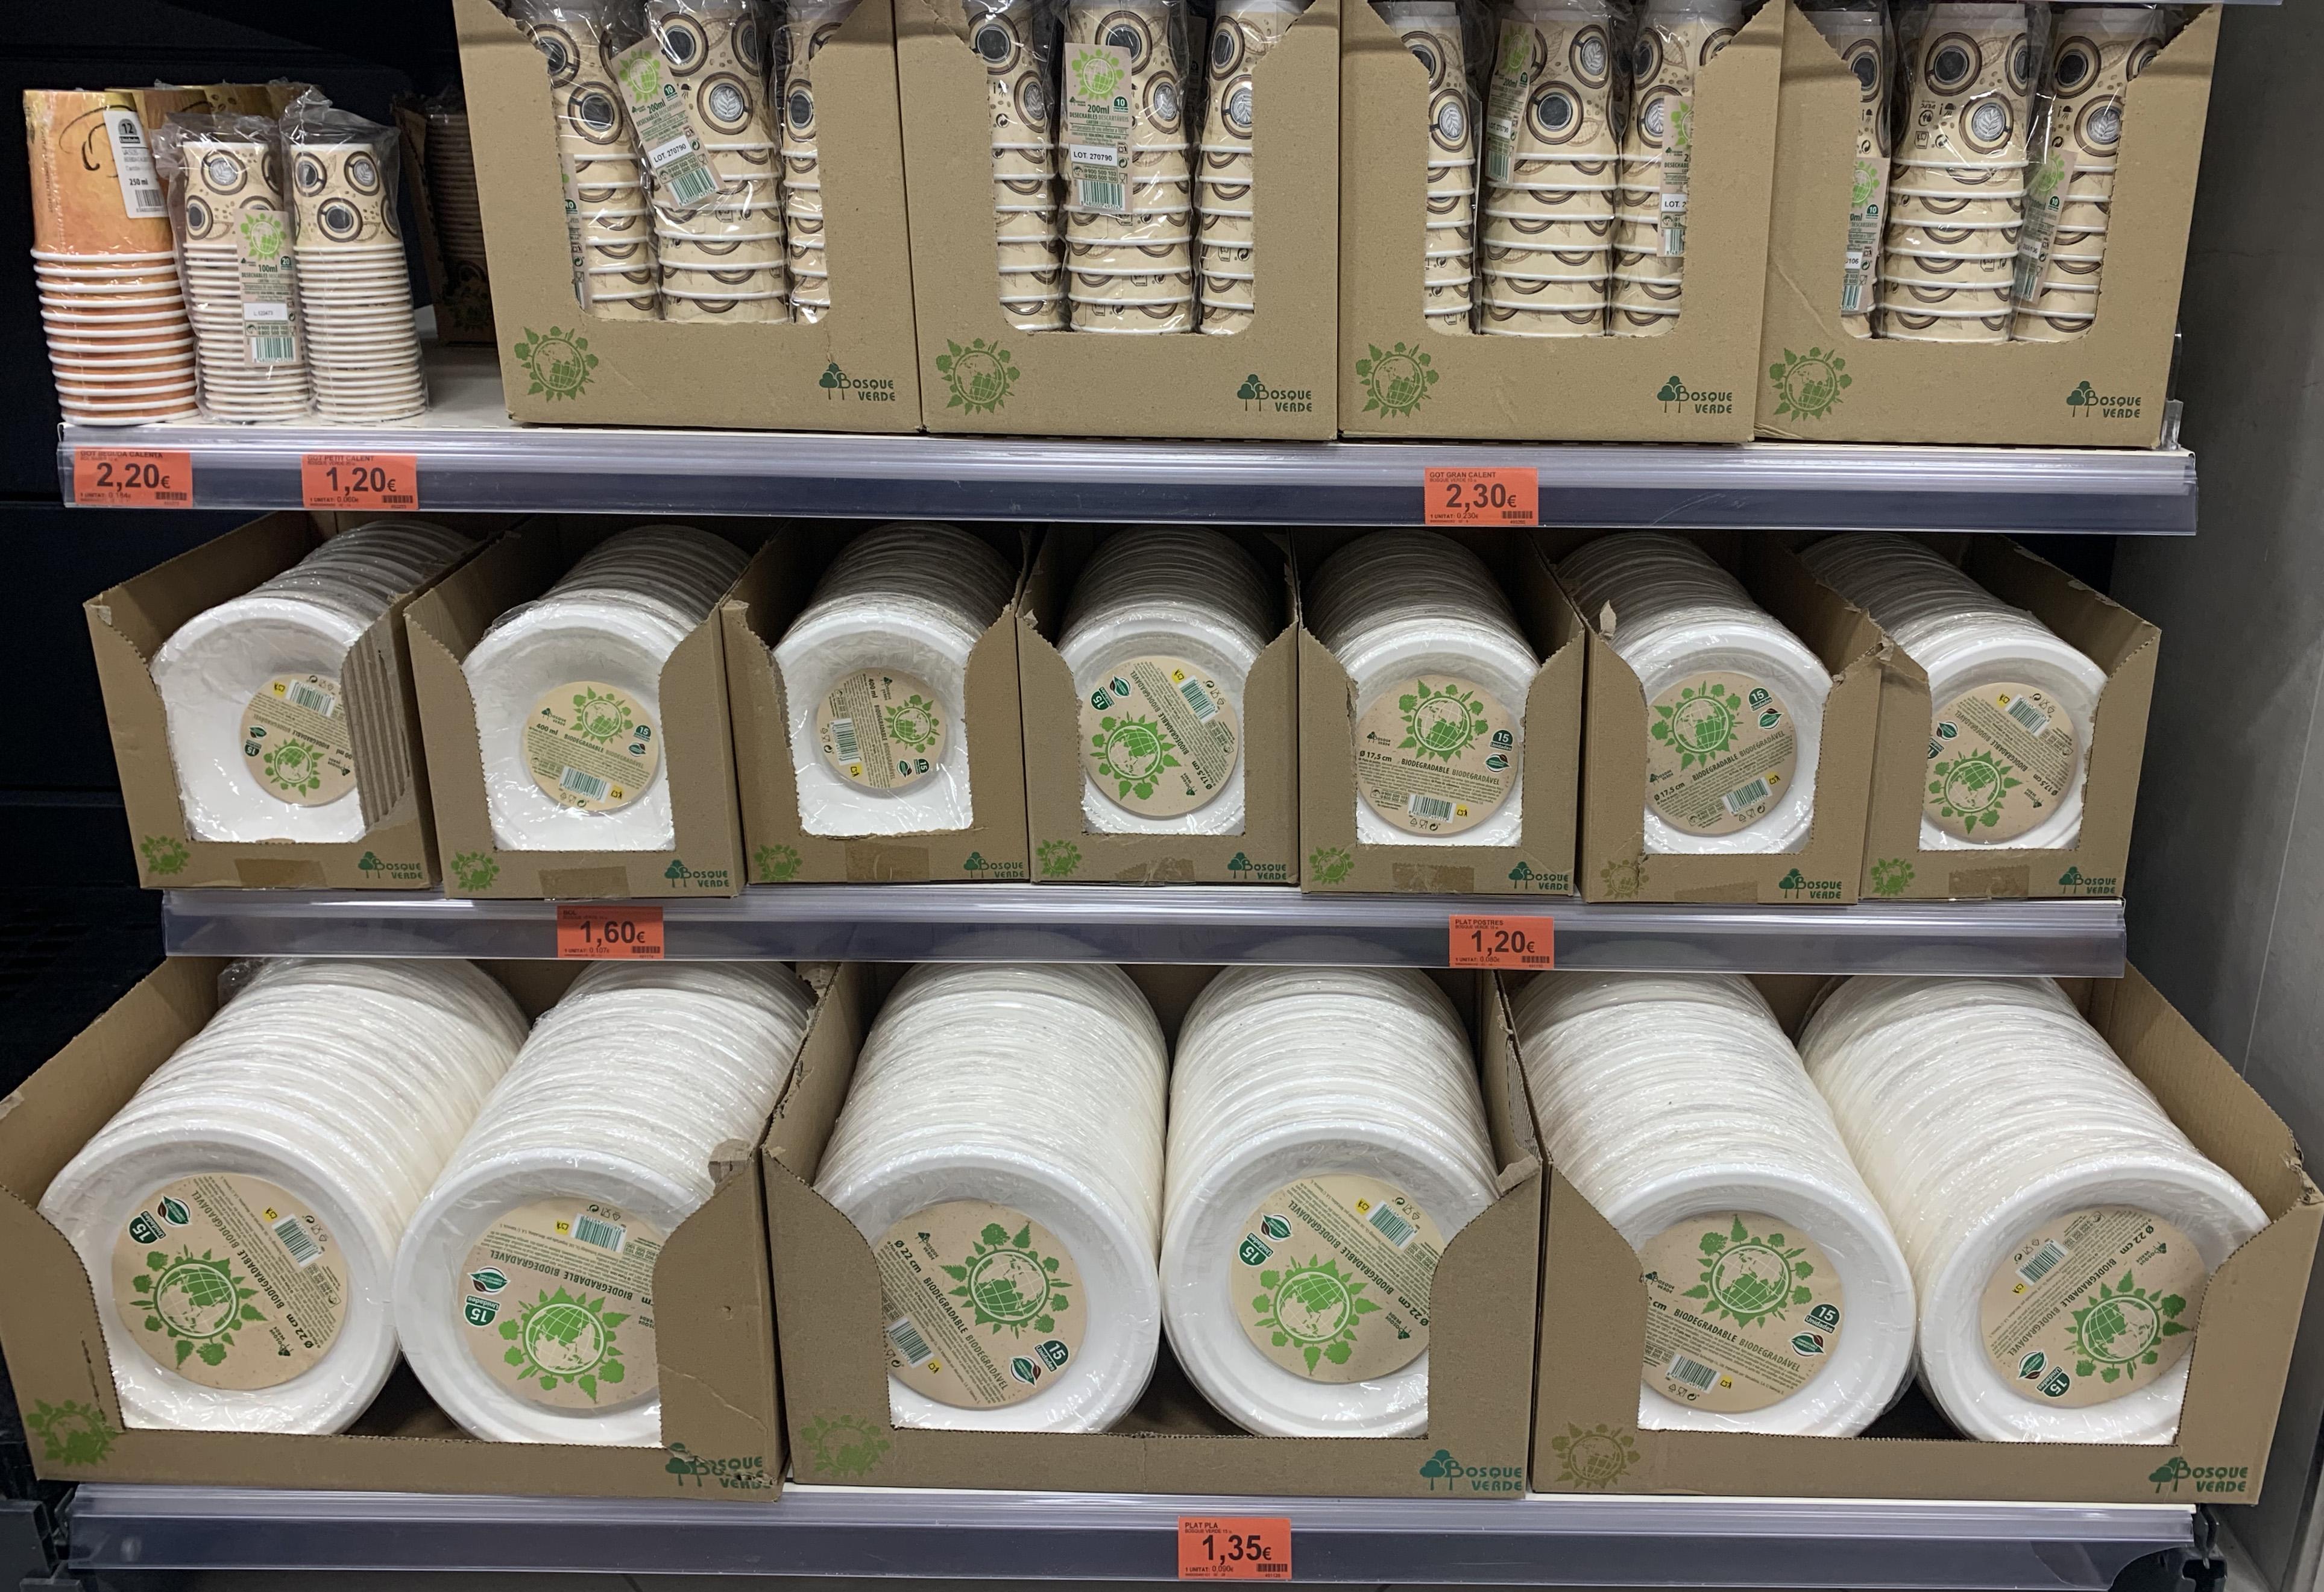 Platos/vasos biodegradables mercadona